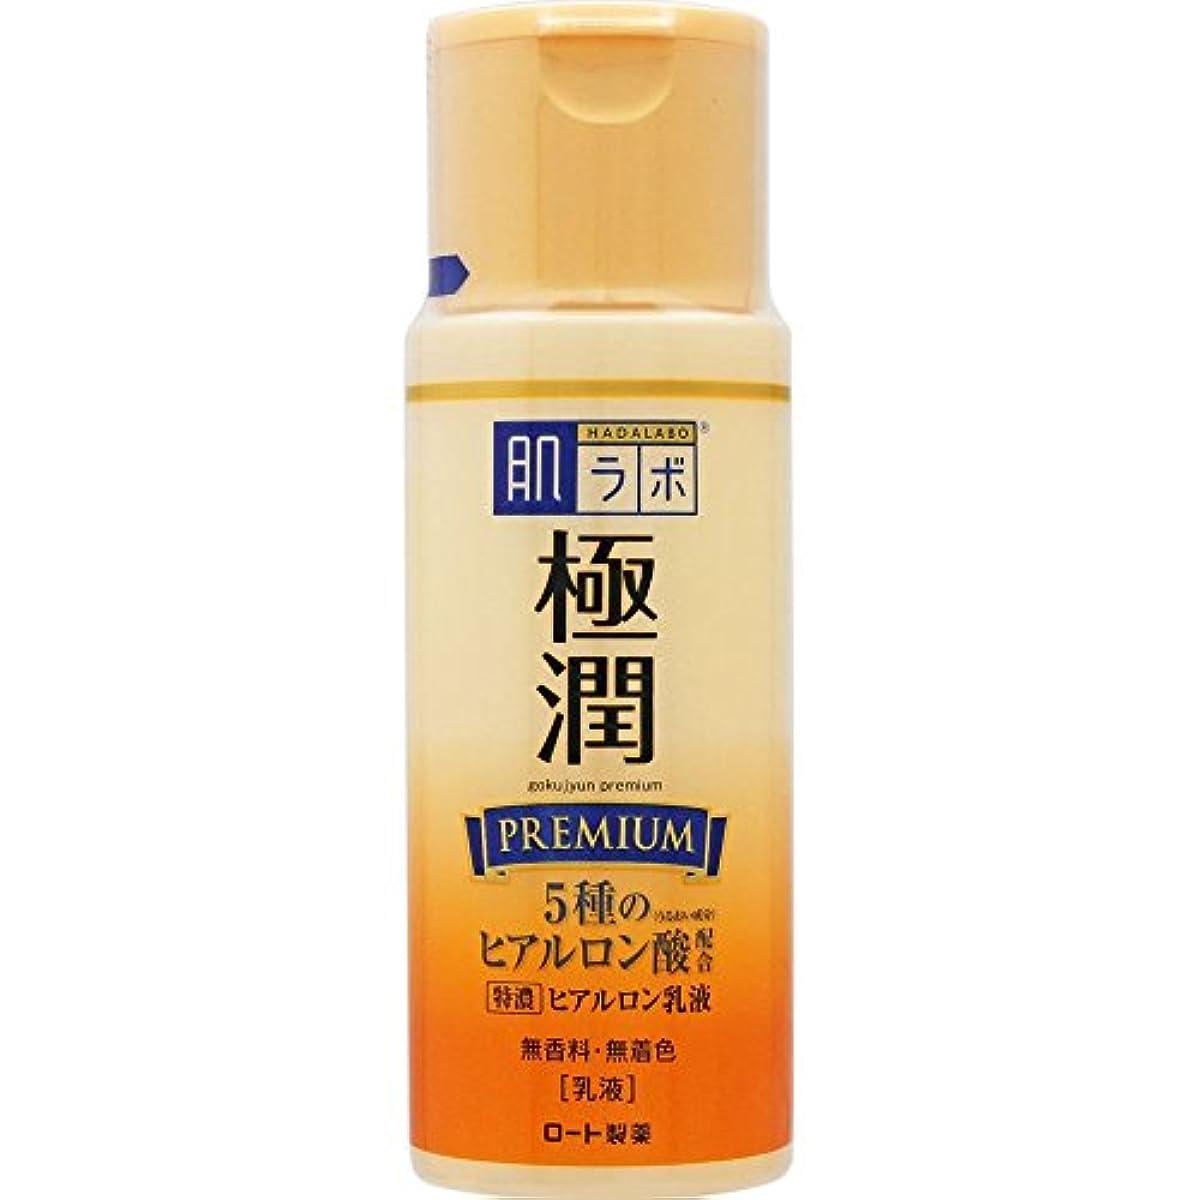 冷える貫入衣装肌ラボ 極潤プレミアム 特濃ヒアルロン乳液 ヒアルロン酸5種類×サクラン配合 140ml